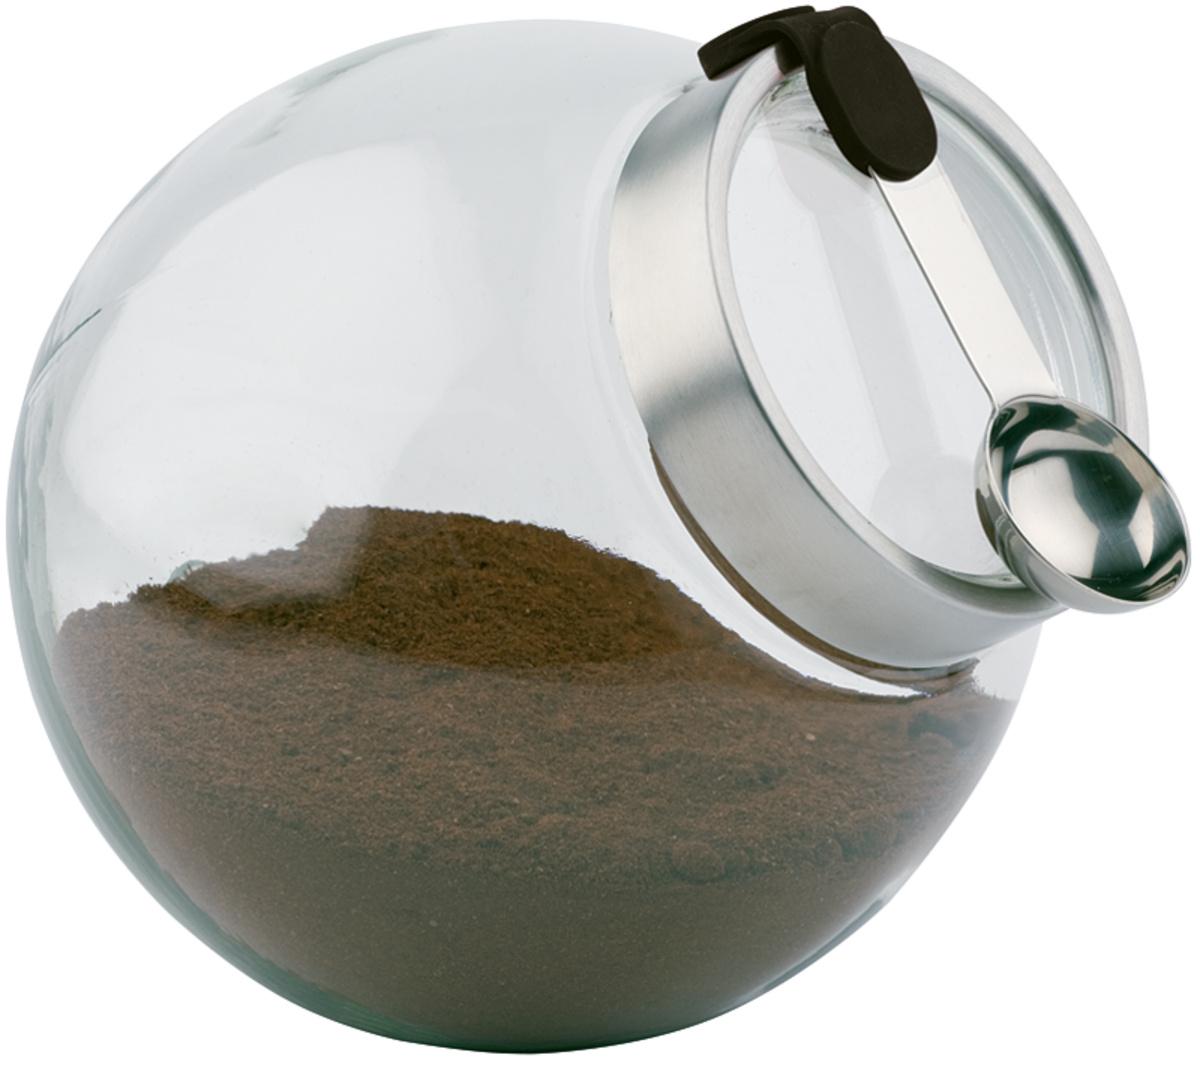 Bonbonnière avec cuillère ronde transparente verre 3 l Ø 20 cm Aps